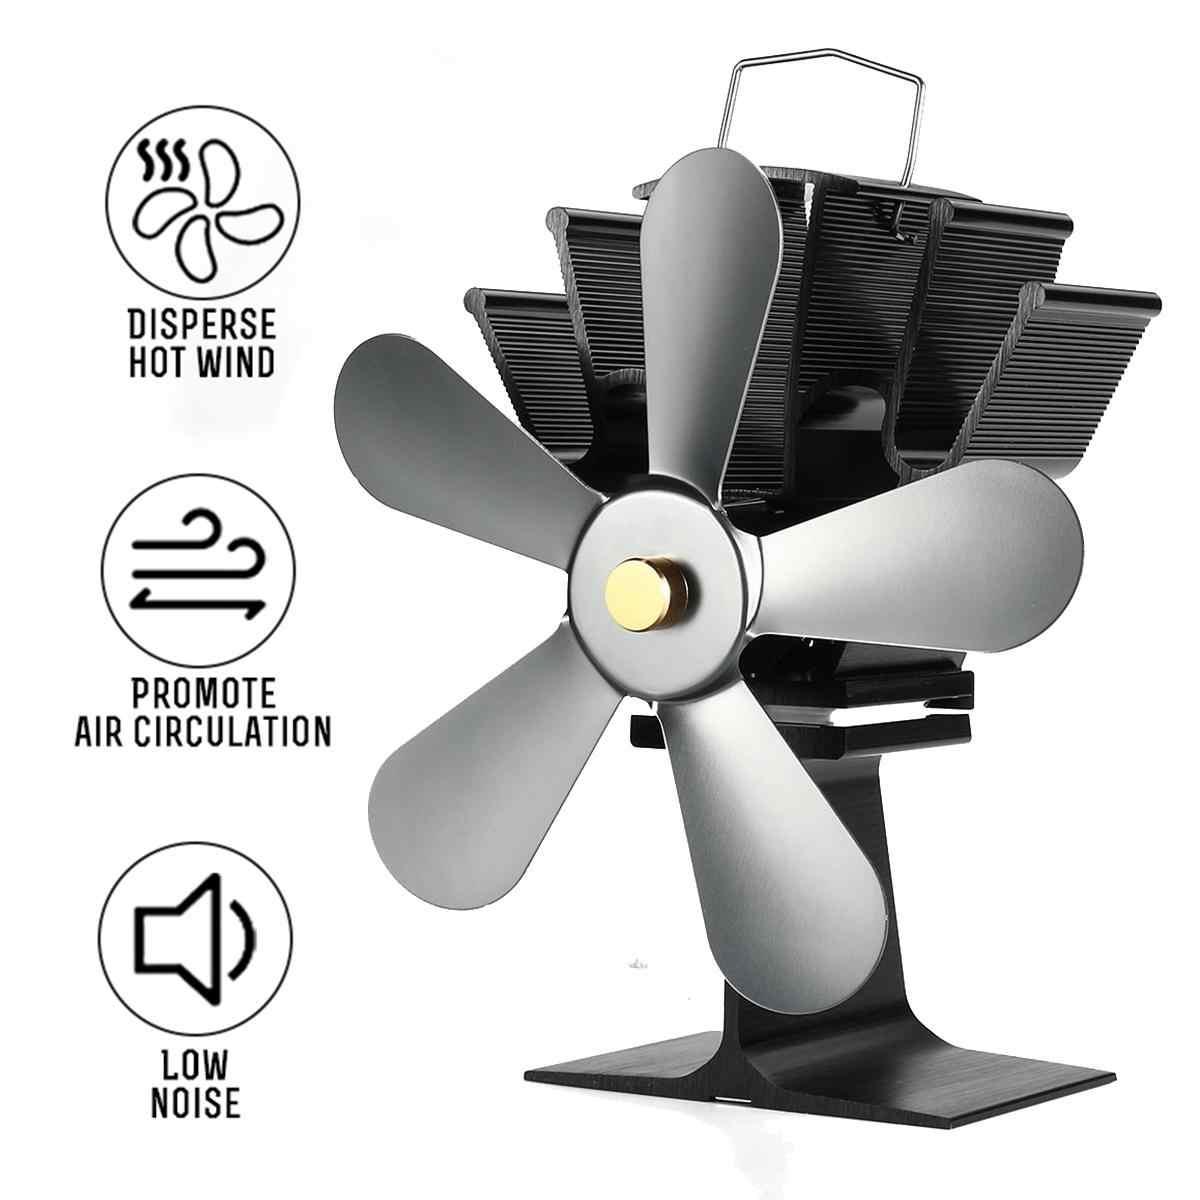 Большой вентилятор печки 5 лопастей вентилятор для камина с тепловым питанием комин древесная горелка экологический вентилятор дружественный тихий дом эффективное распределение тепла